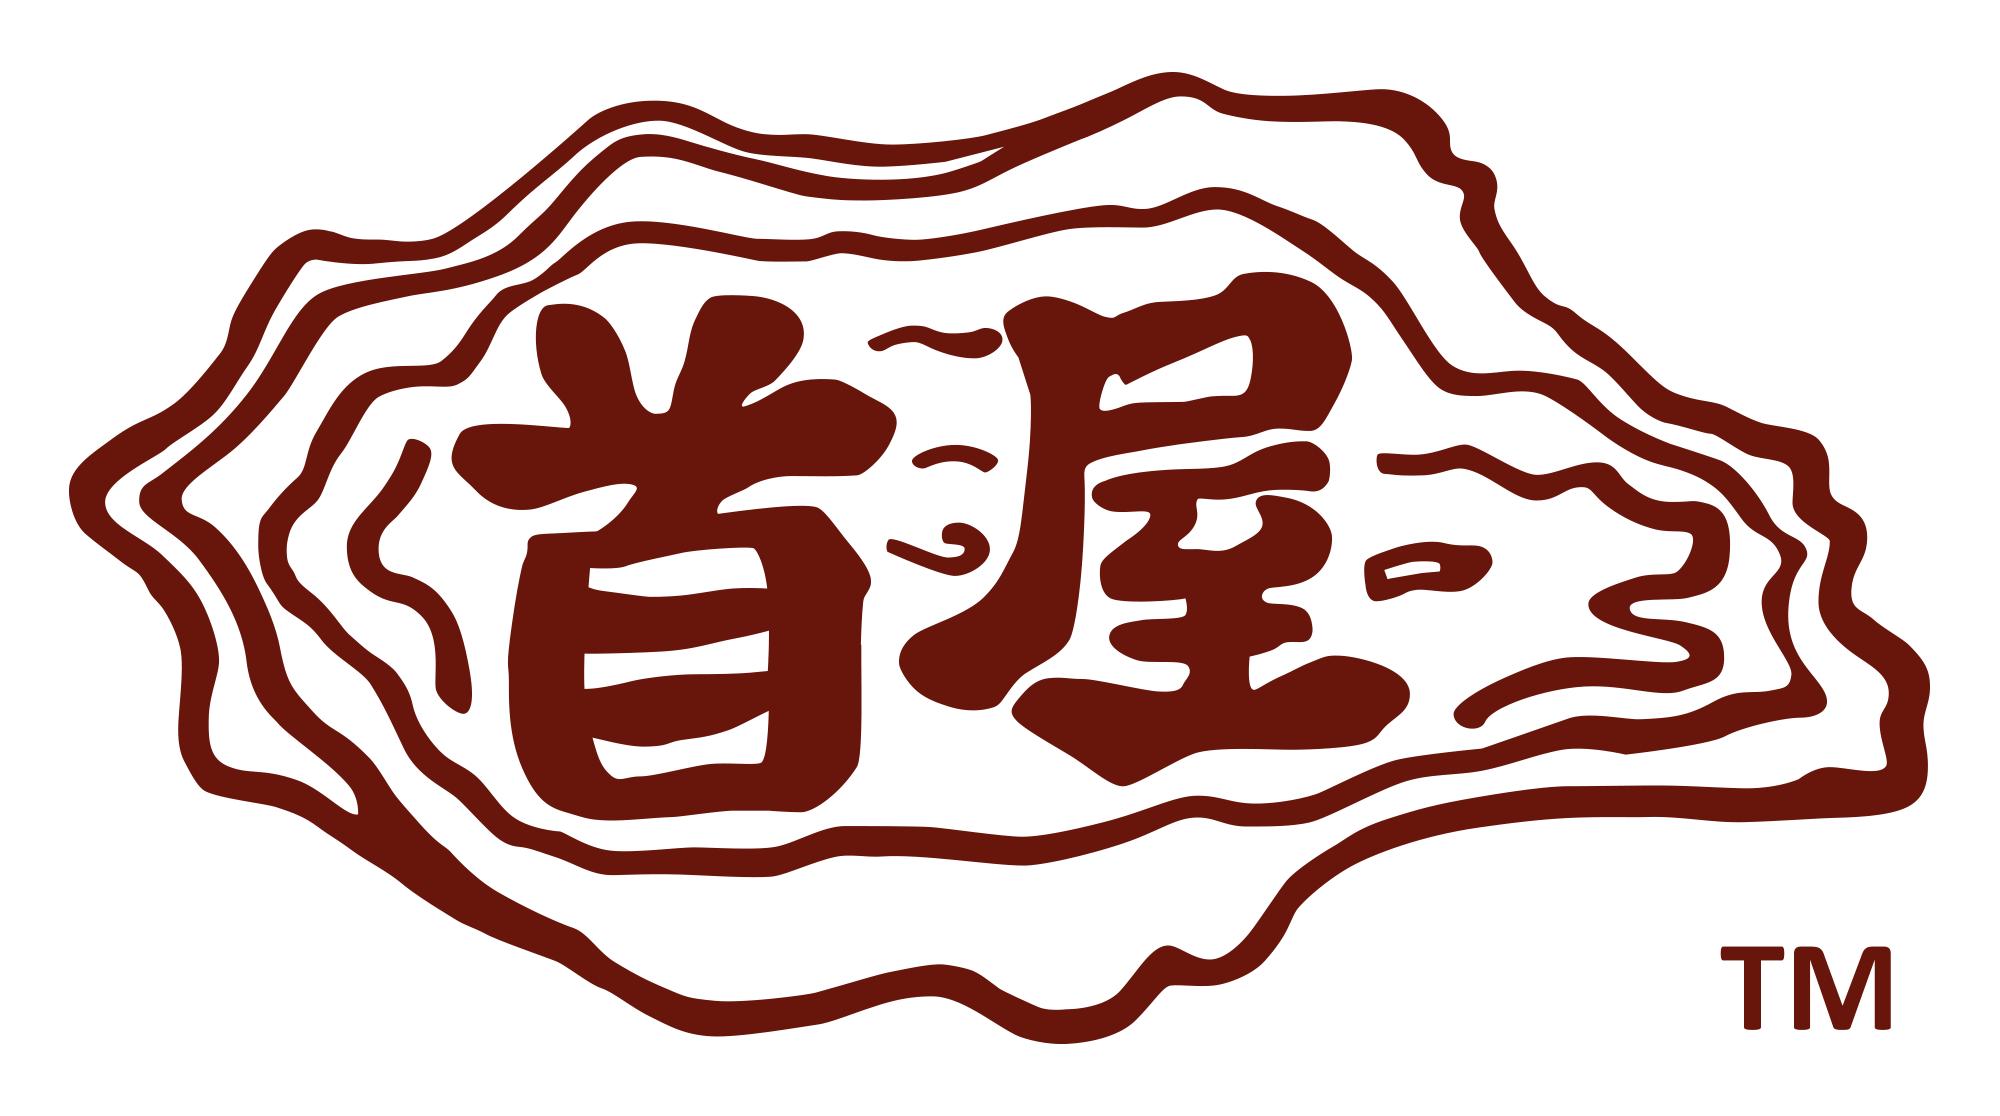 首屋: 全台灣唯一的何首烏食補